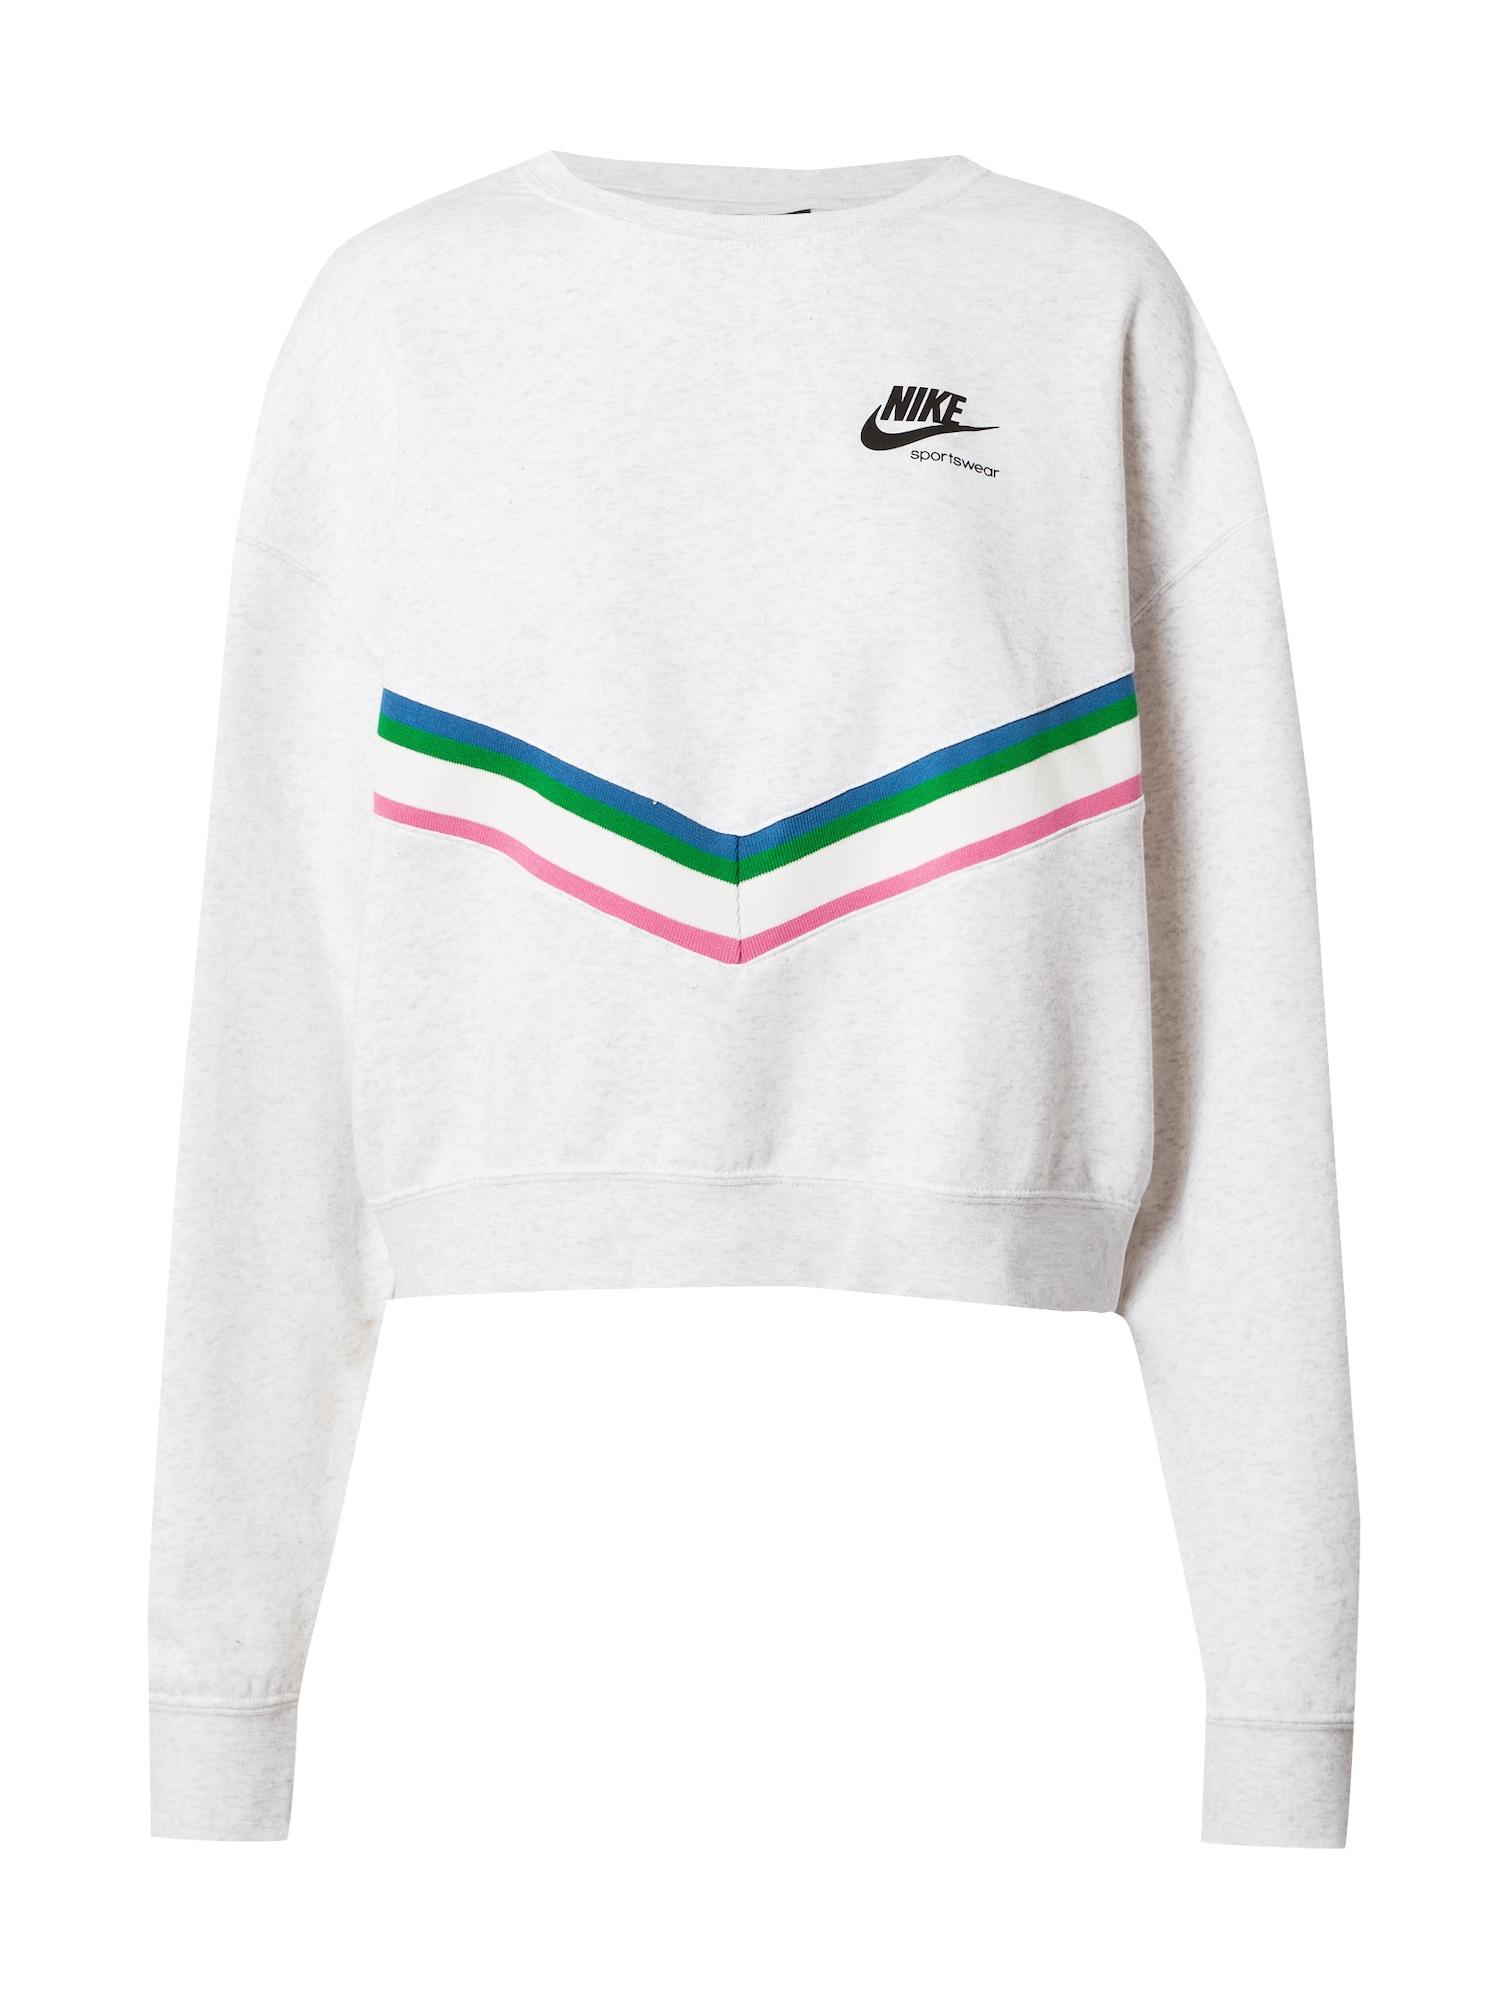 Nike Sportswear Mikina  mix barev / bílá